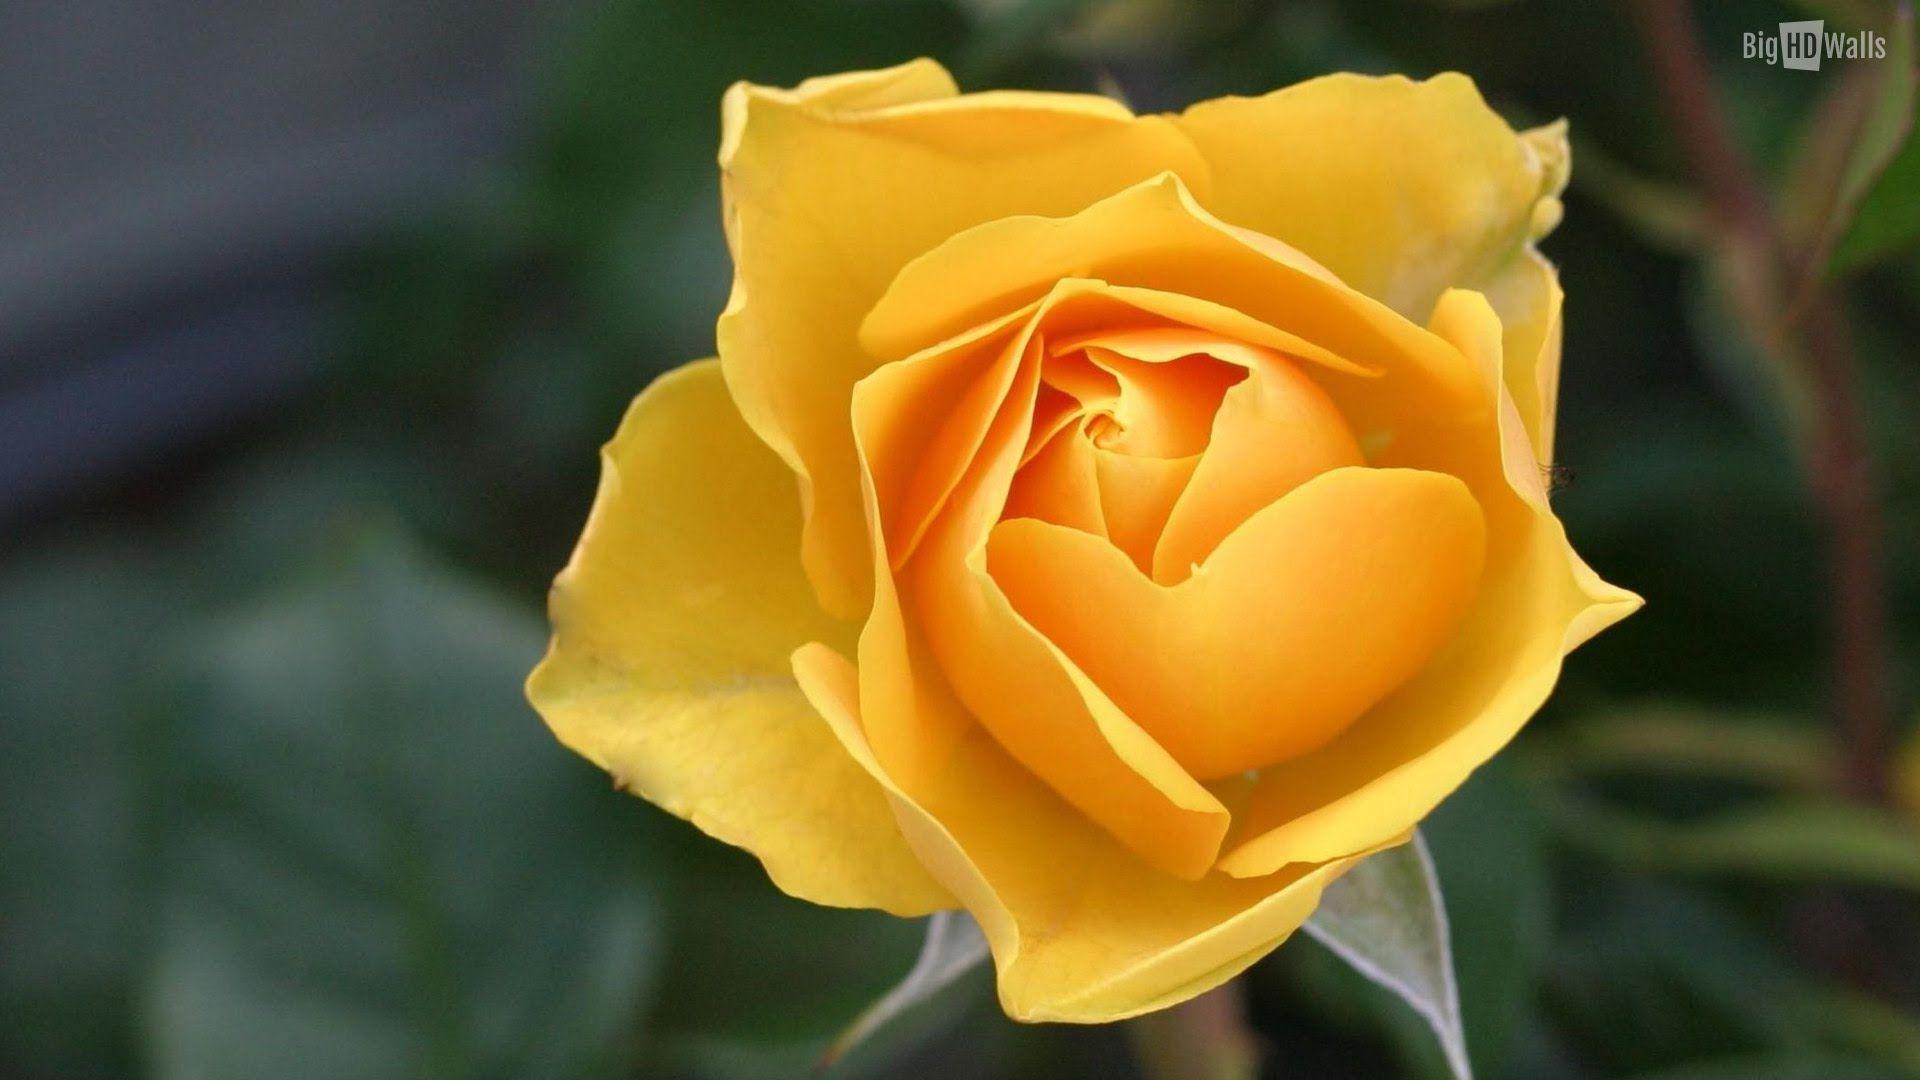 Beautiful Rose 4K Wonderful Rose Ultra HD (2160p) Hoa